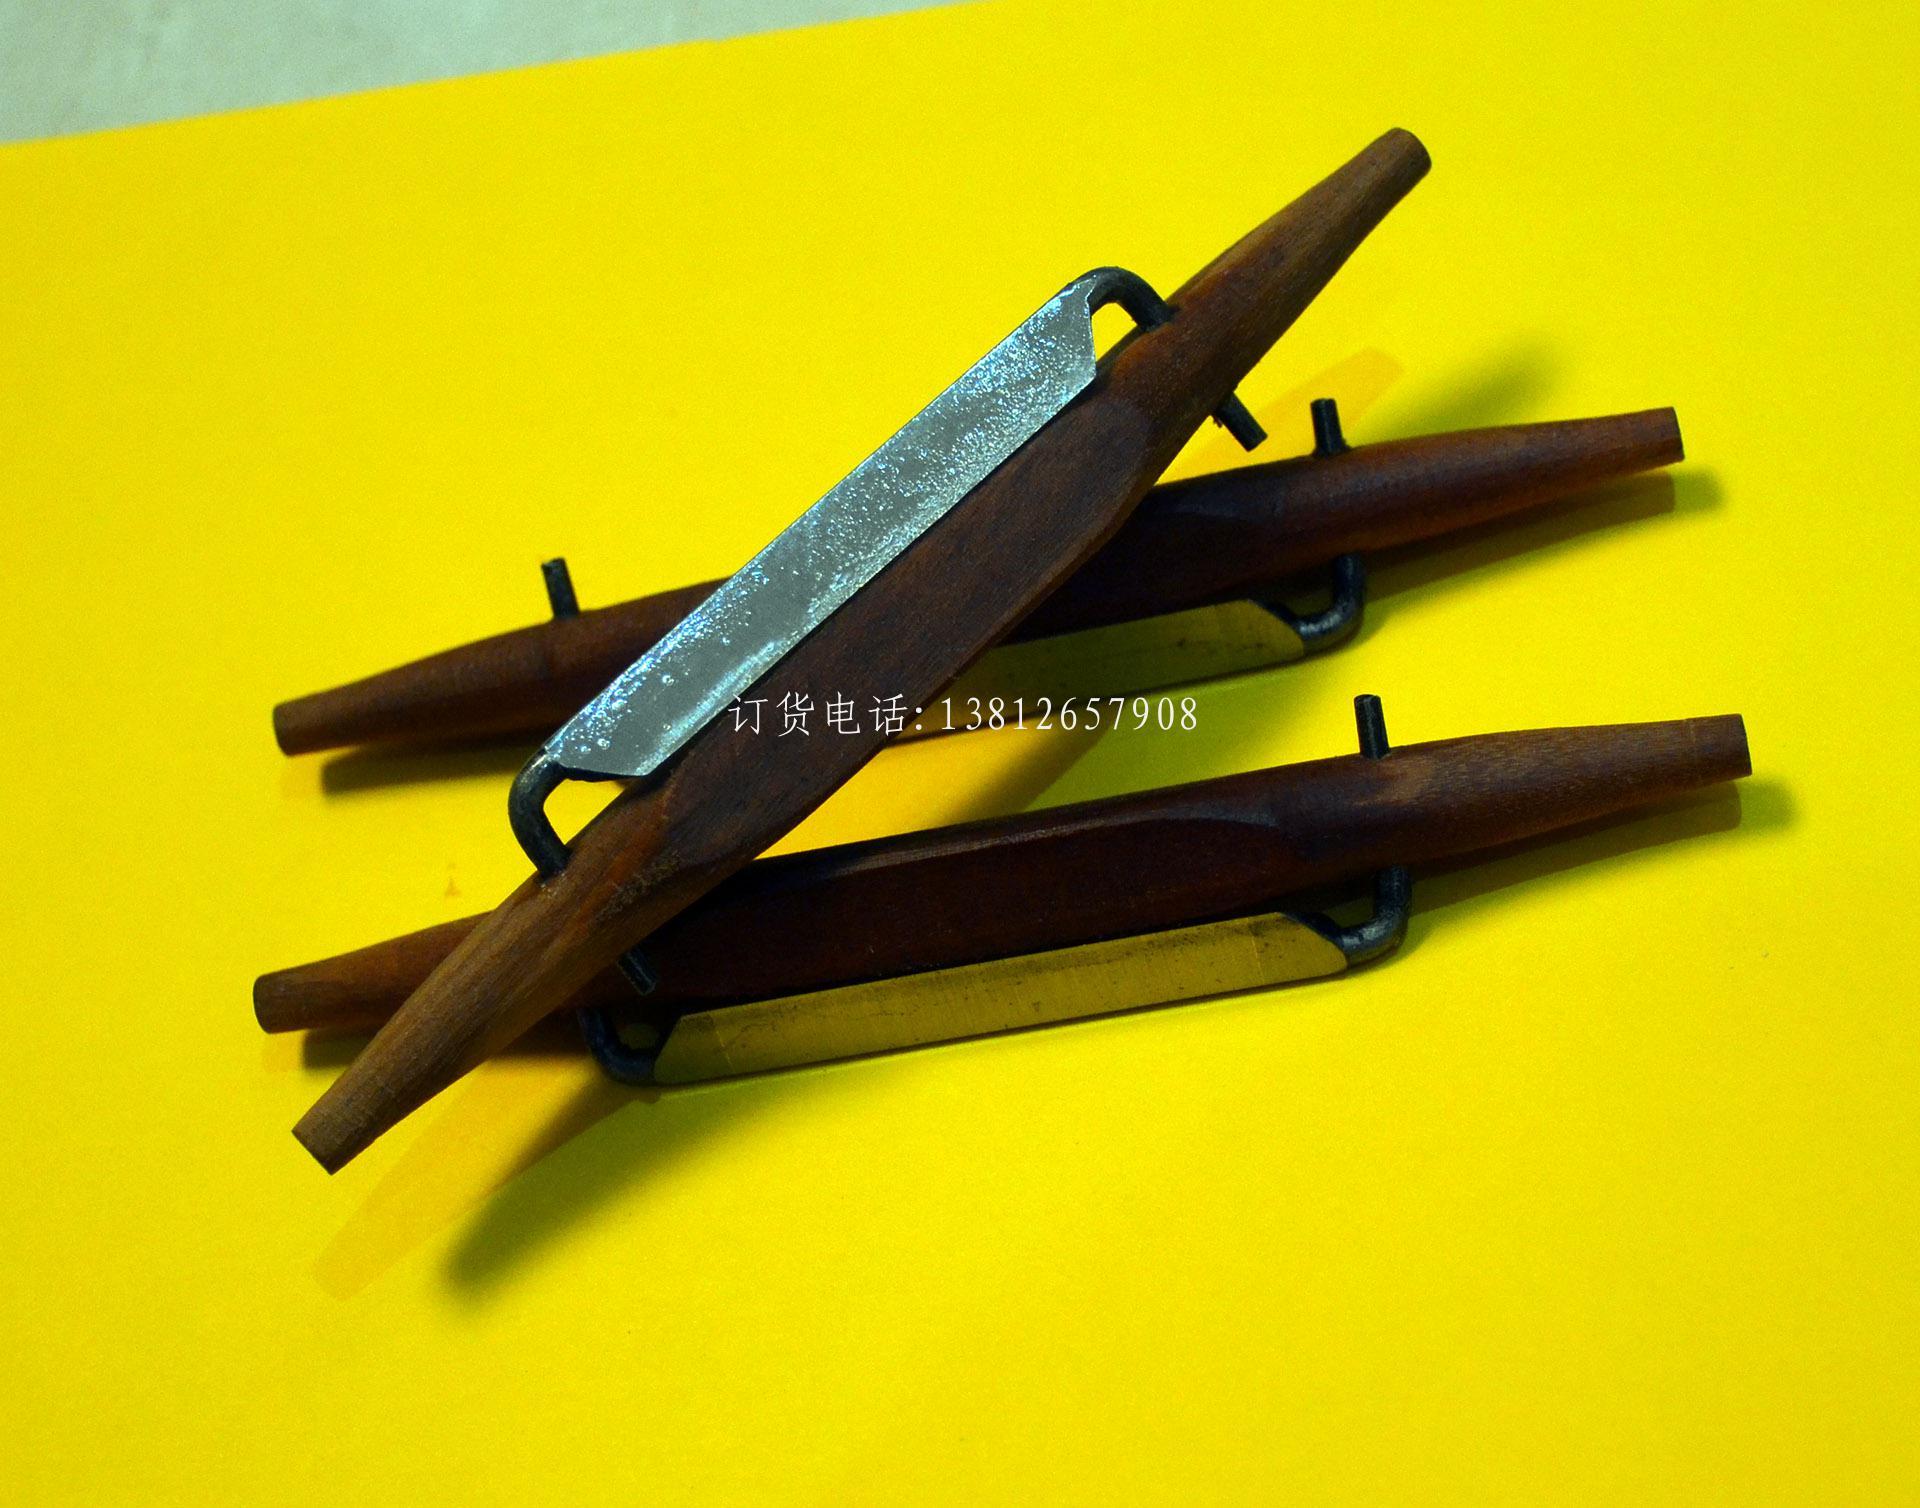 刮塑料披锋刀 塑件披锋刀  钨钢披锋刀 第2张